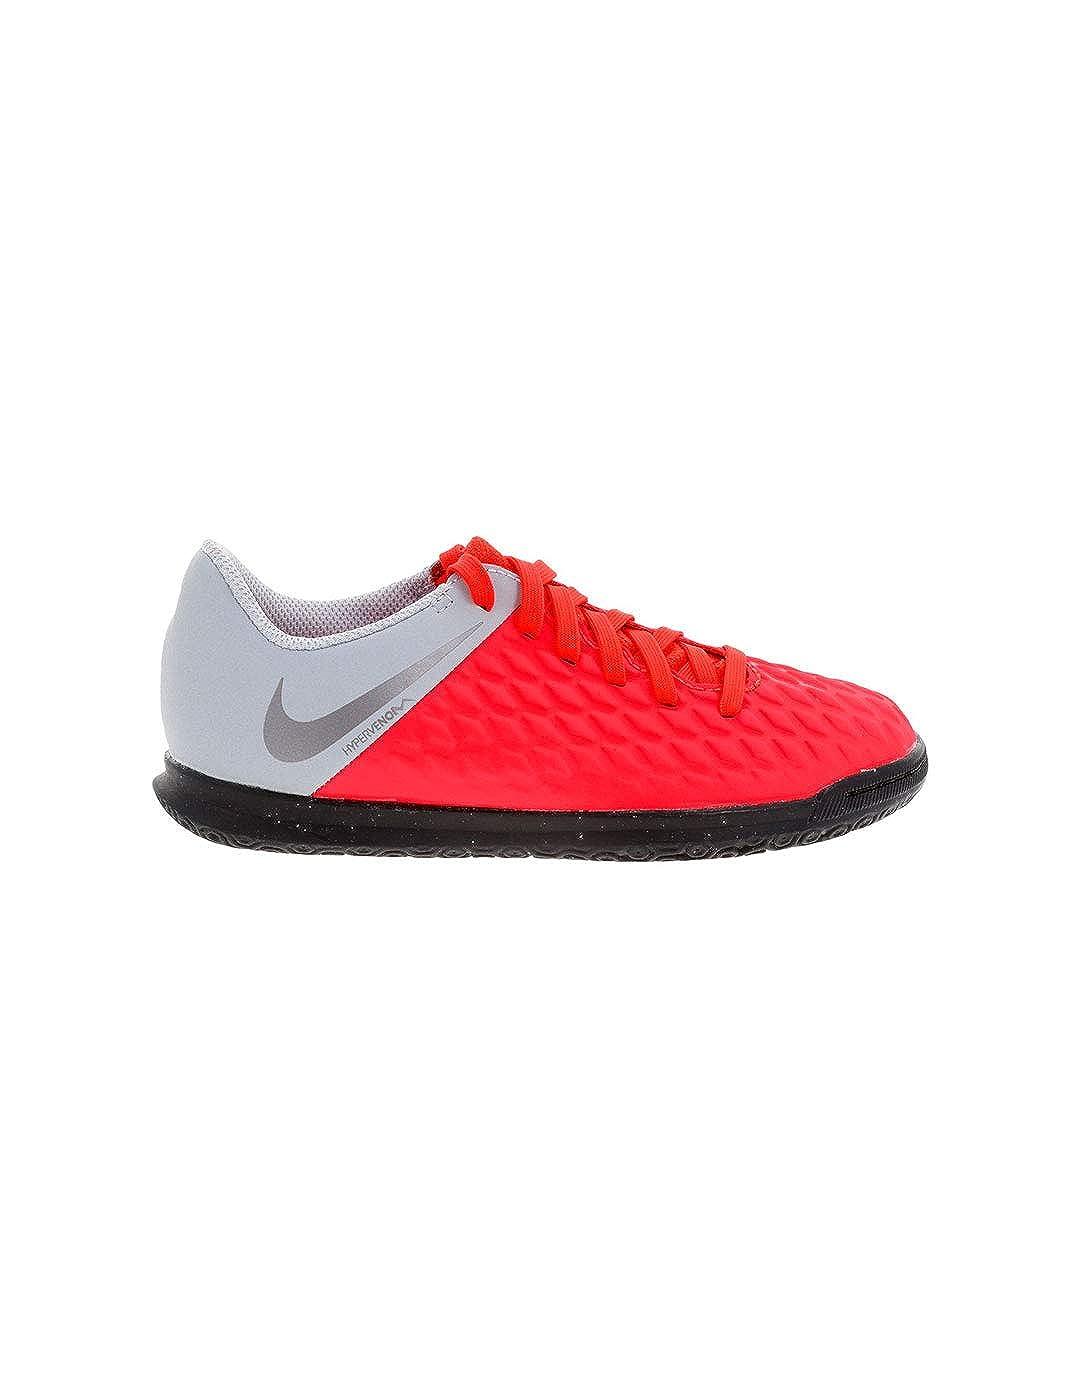 Chaussures 600Gris Mixte IcClub Nike Hypervenom Jr De 3 Futsal 9E2YDHWI